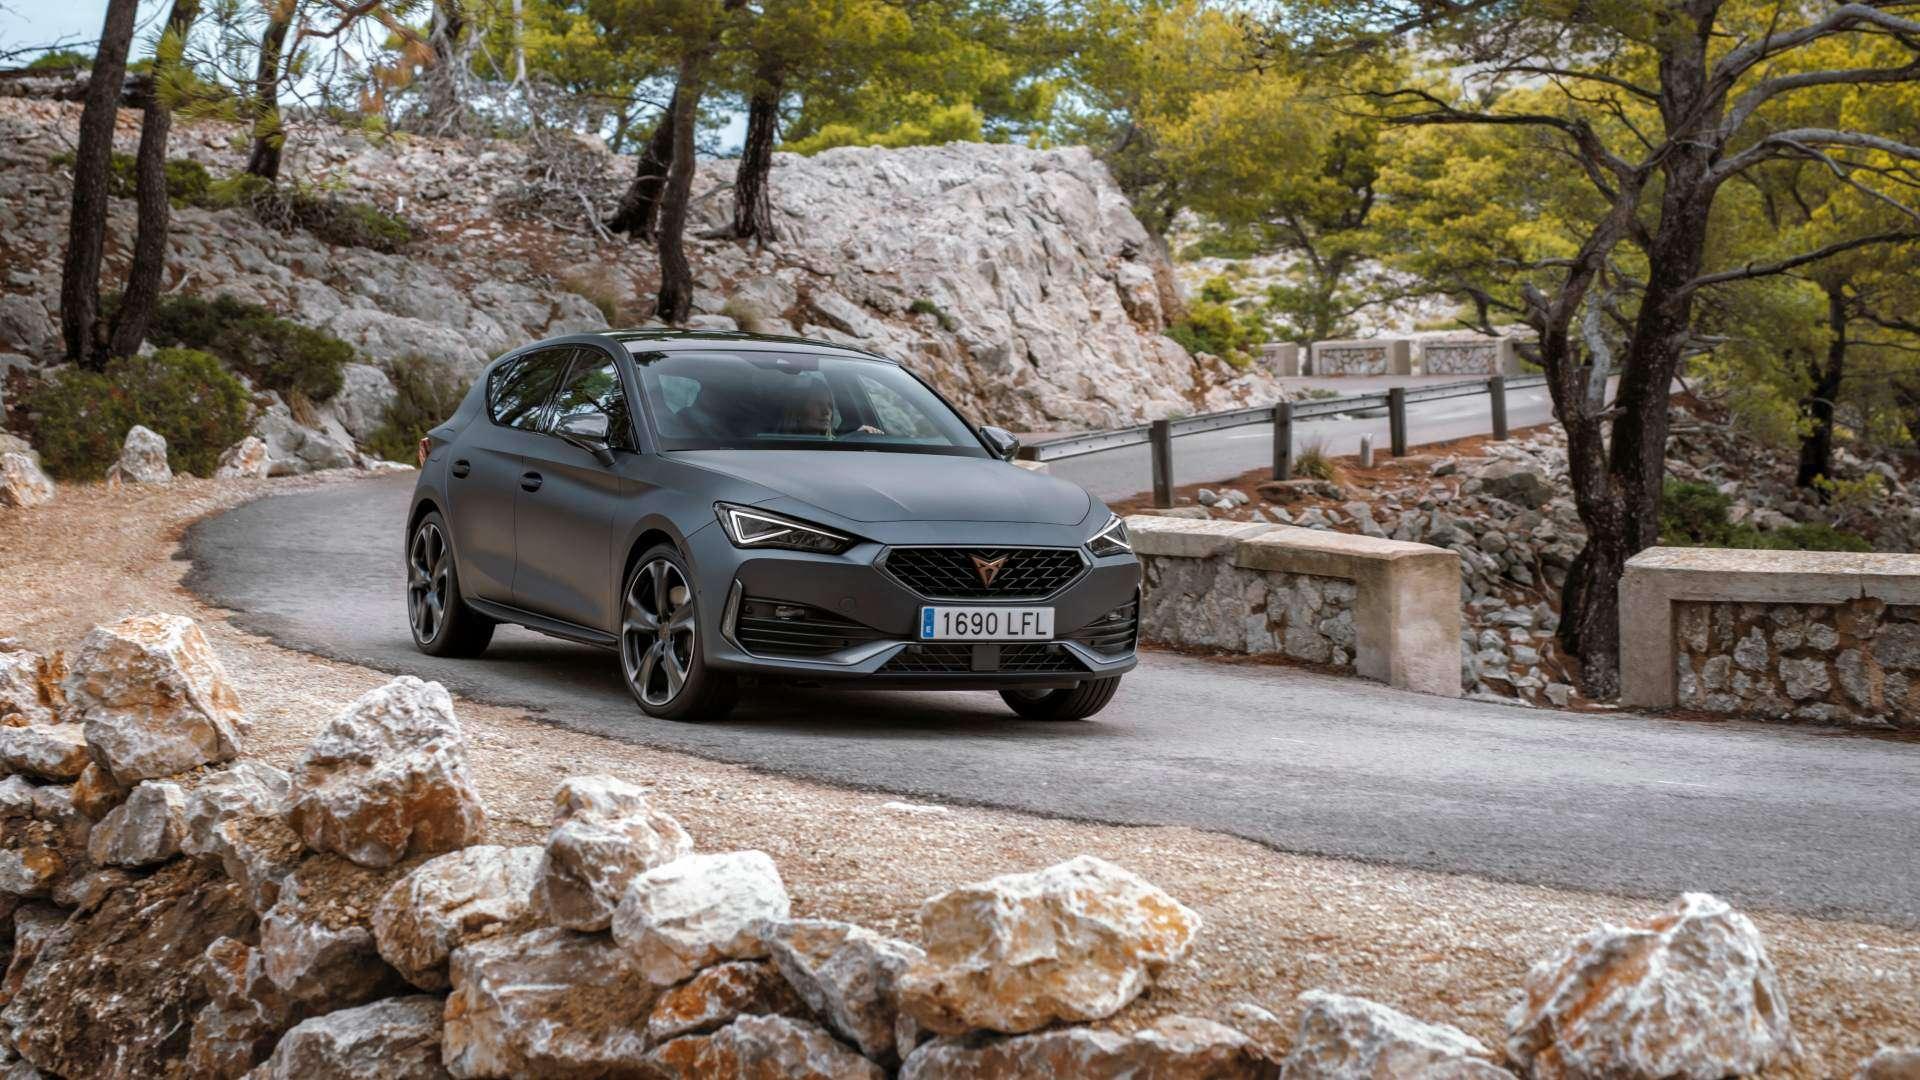 El CUPRA León e-Hybrid destaca en la gama del compacto deportivo español